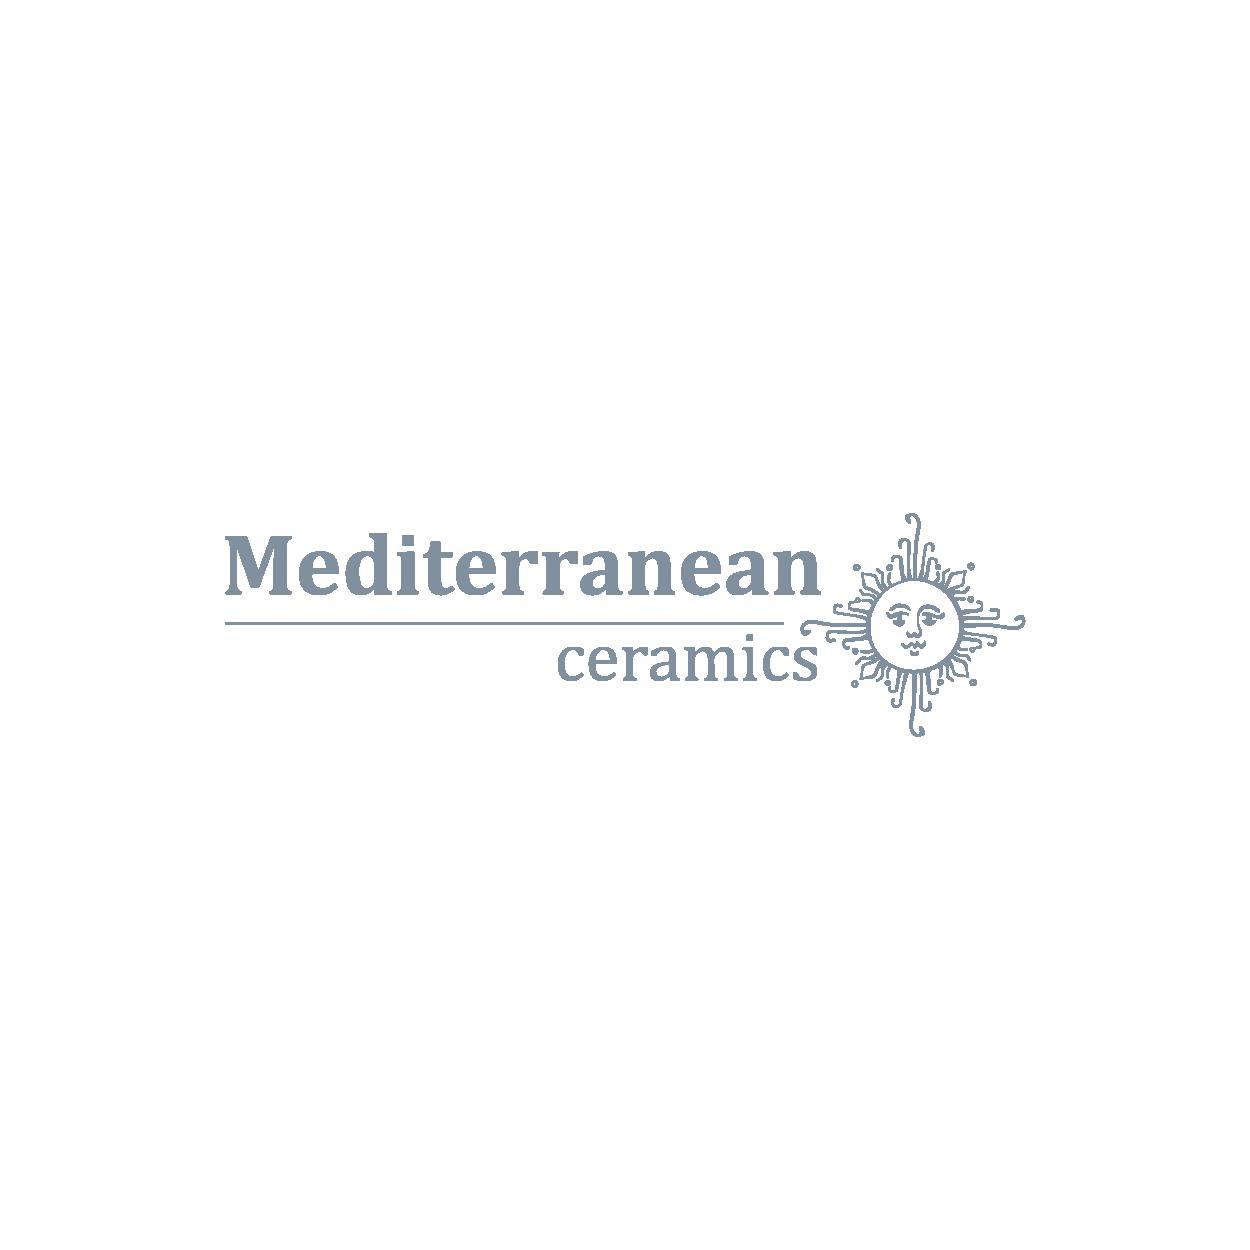 Mediterranean Ceramics logo